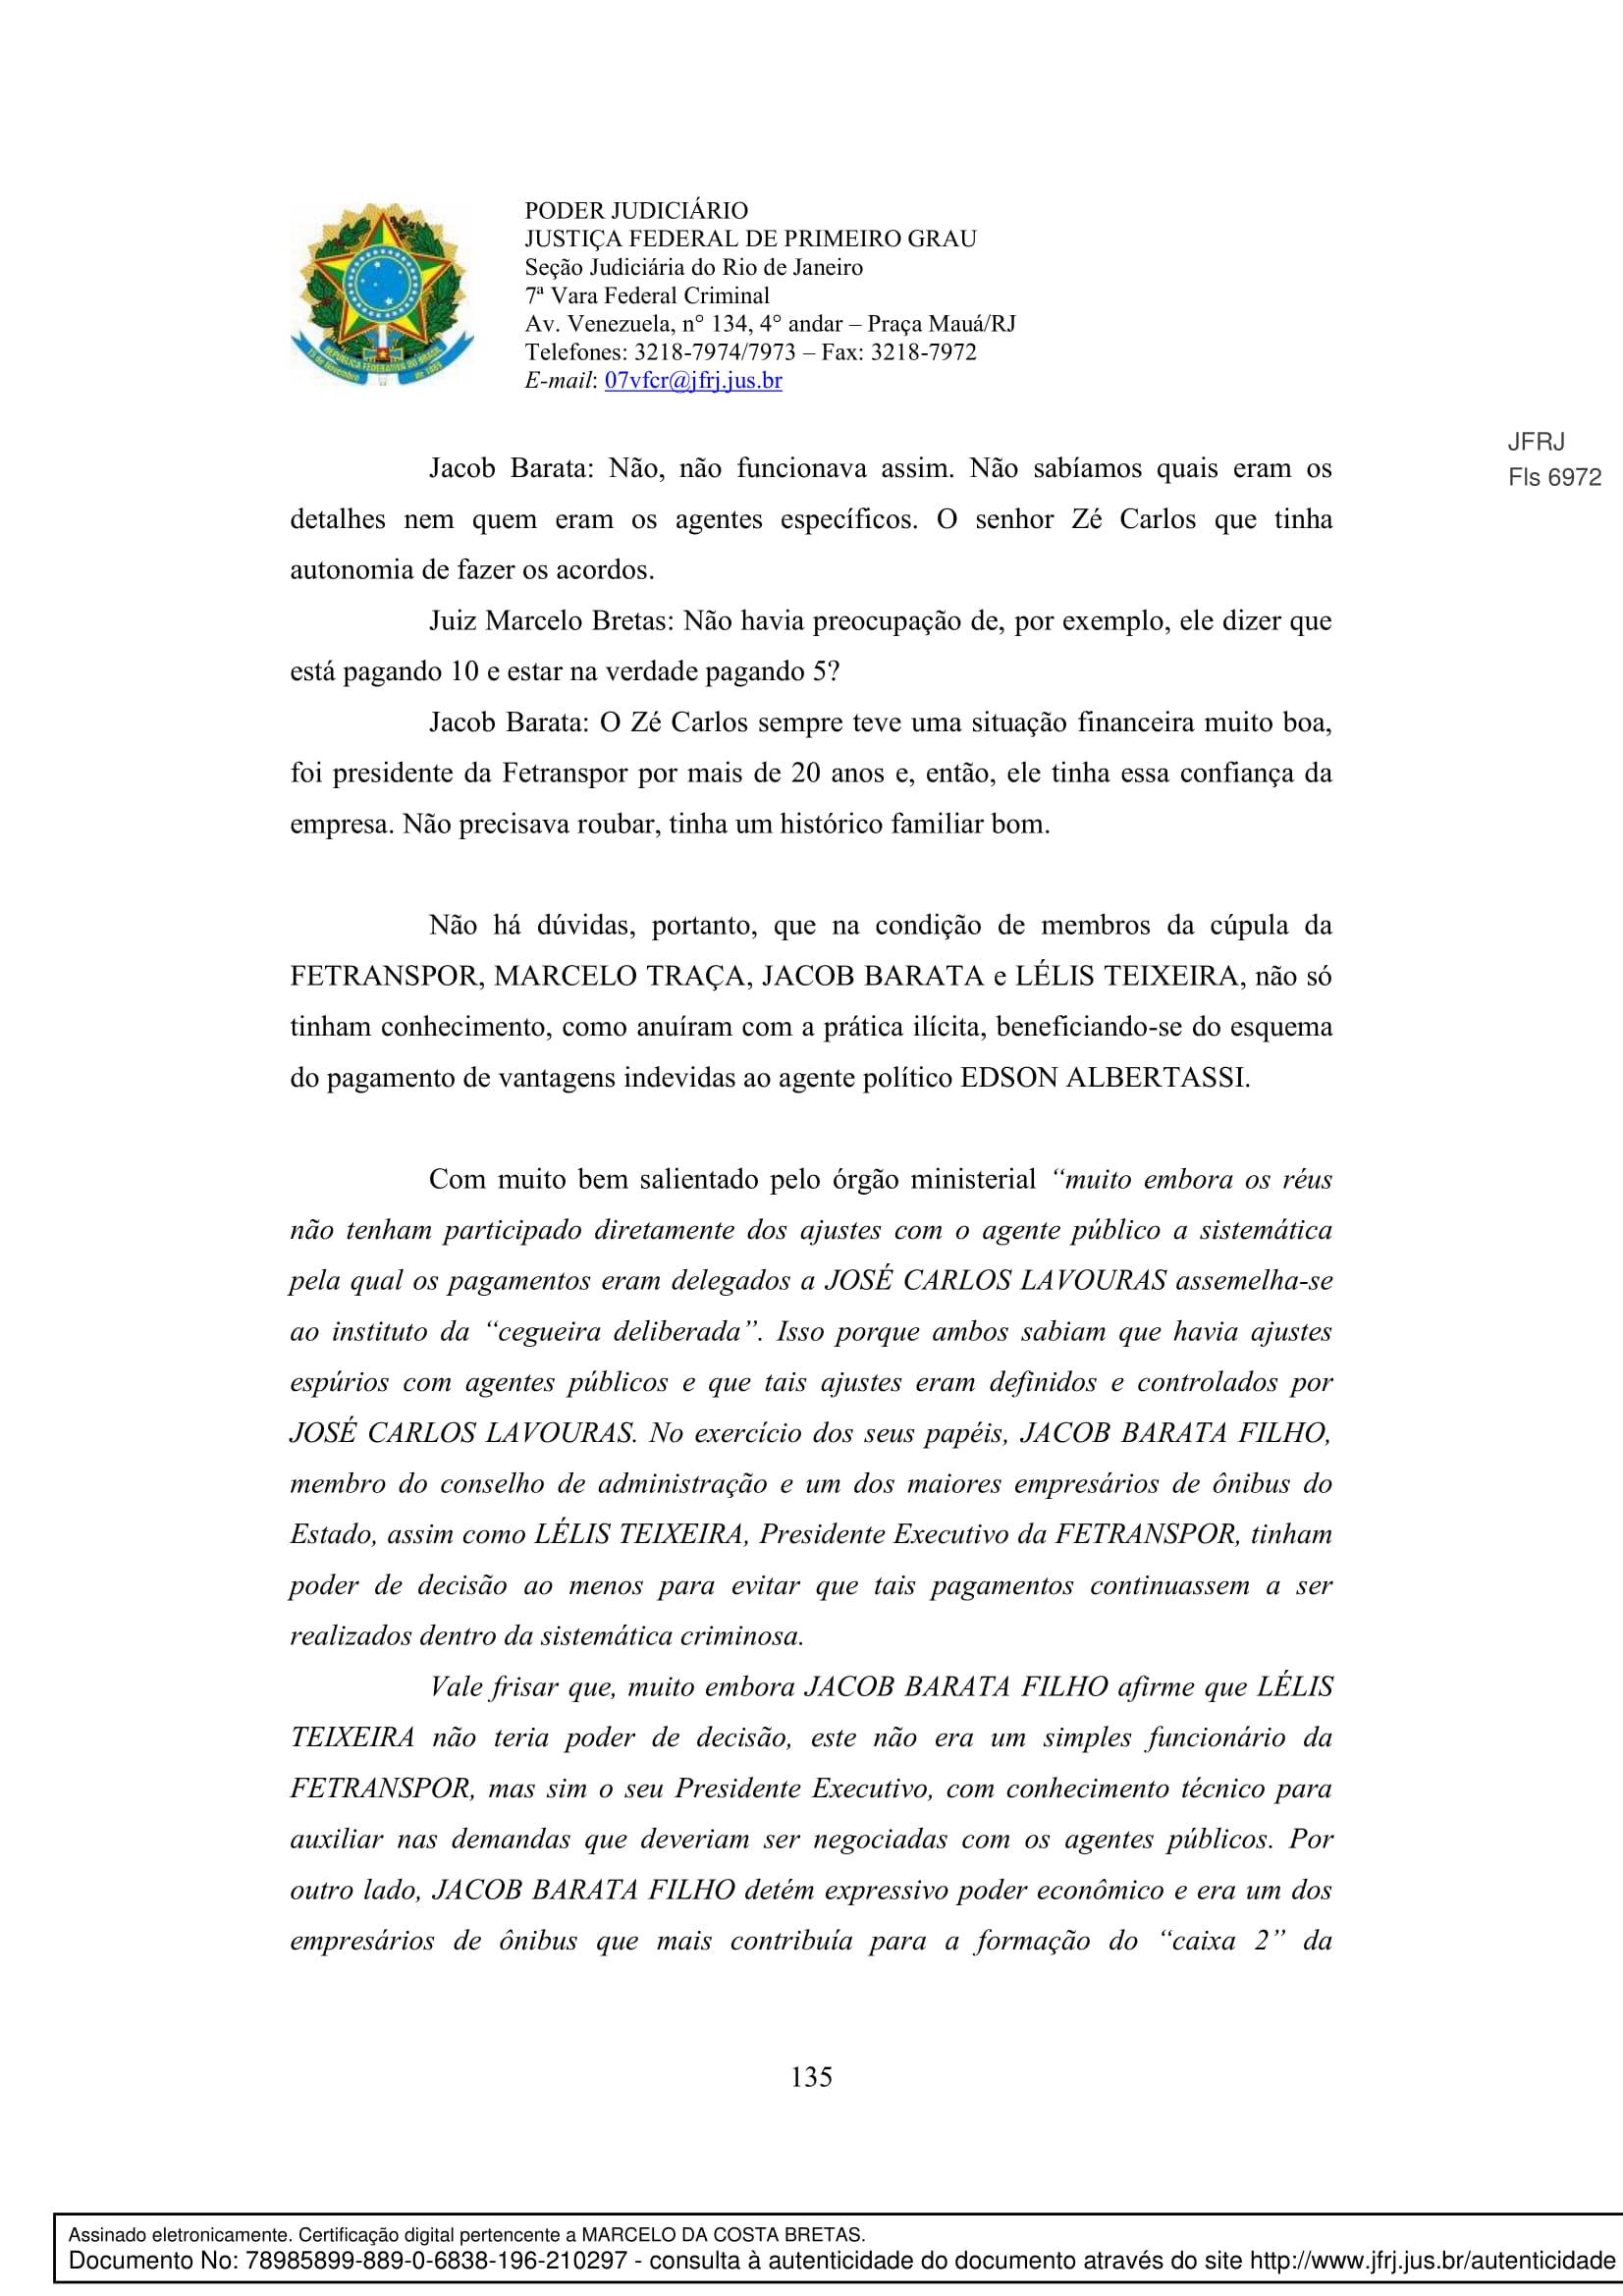 Sentenca-Cadeia-Velha-7VFC-135